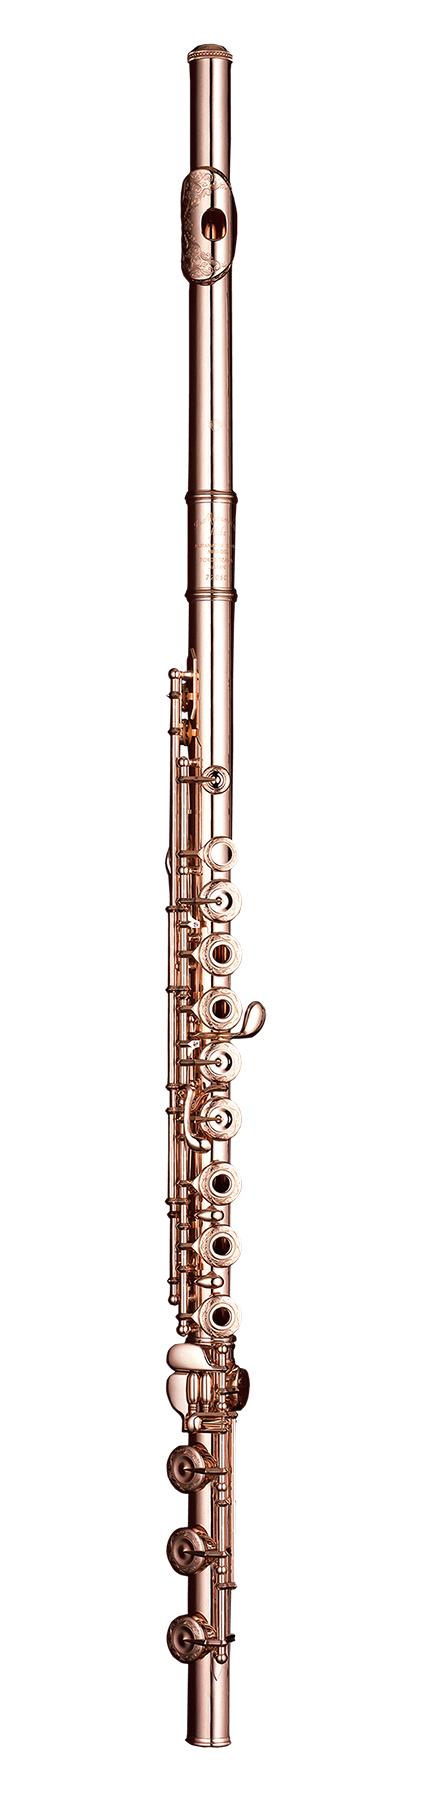 Muramatsu - 14 - K Go/Go SR - Type - RBEI - Holzblasinstrumente - Flöten mit E-Mechanik   MUSIK BERTRAM Deutschland Freiburg